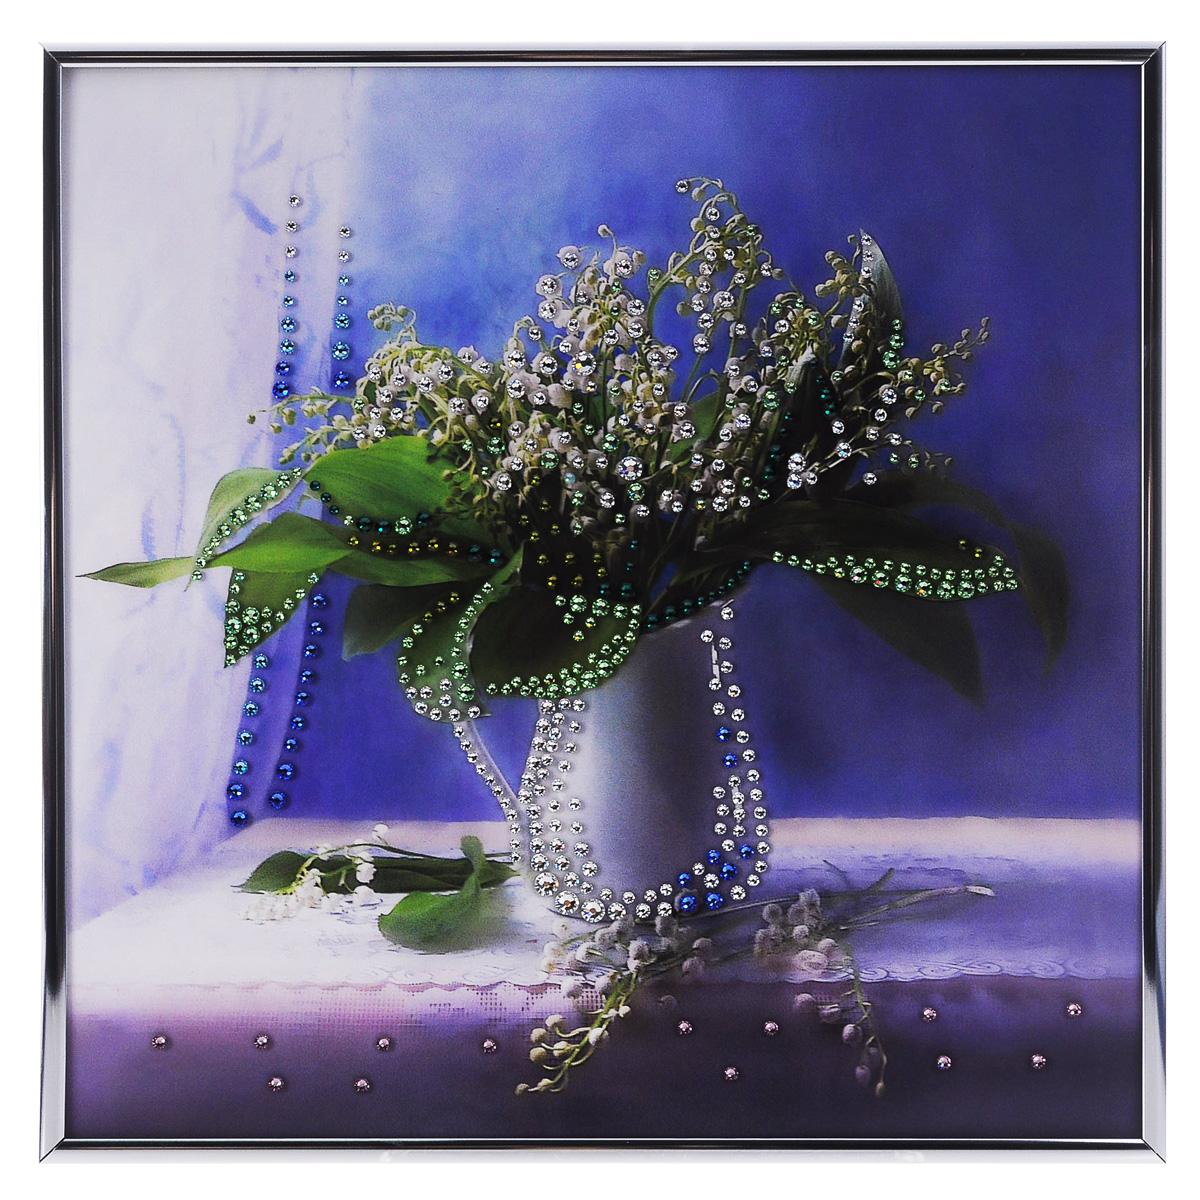 Картина с кристаллами Swarovski Ландыши, 30 см х 30 смPM-3304Изящная картина в металлической раме, инкрустирована кристаллами Swarovski, которые отличаются четкой и ровной огранкой, ярким блеском и чистотой цвета. С обратной стороны имеется металлическая петелька для размещения картины на стене. Картина с кристаллами Swarovski элегантно украсит интерьер дома или офиса, а также станет прекрасным подарком, который обязательно понравится получателю. Блеск кристаллов в интерьере, что может быть сказочнее и удивительнее. Картина упакована в подарочную картонную коробку синего цвета и комплектуется сертификатом соответствия Swarovski. Количество кристаллов: 392.